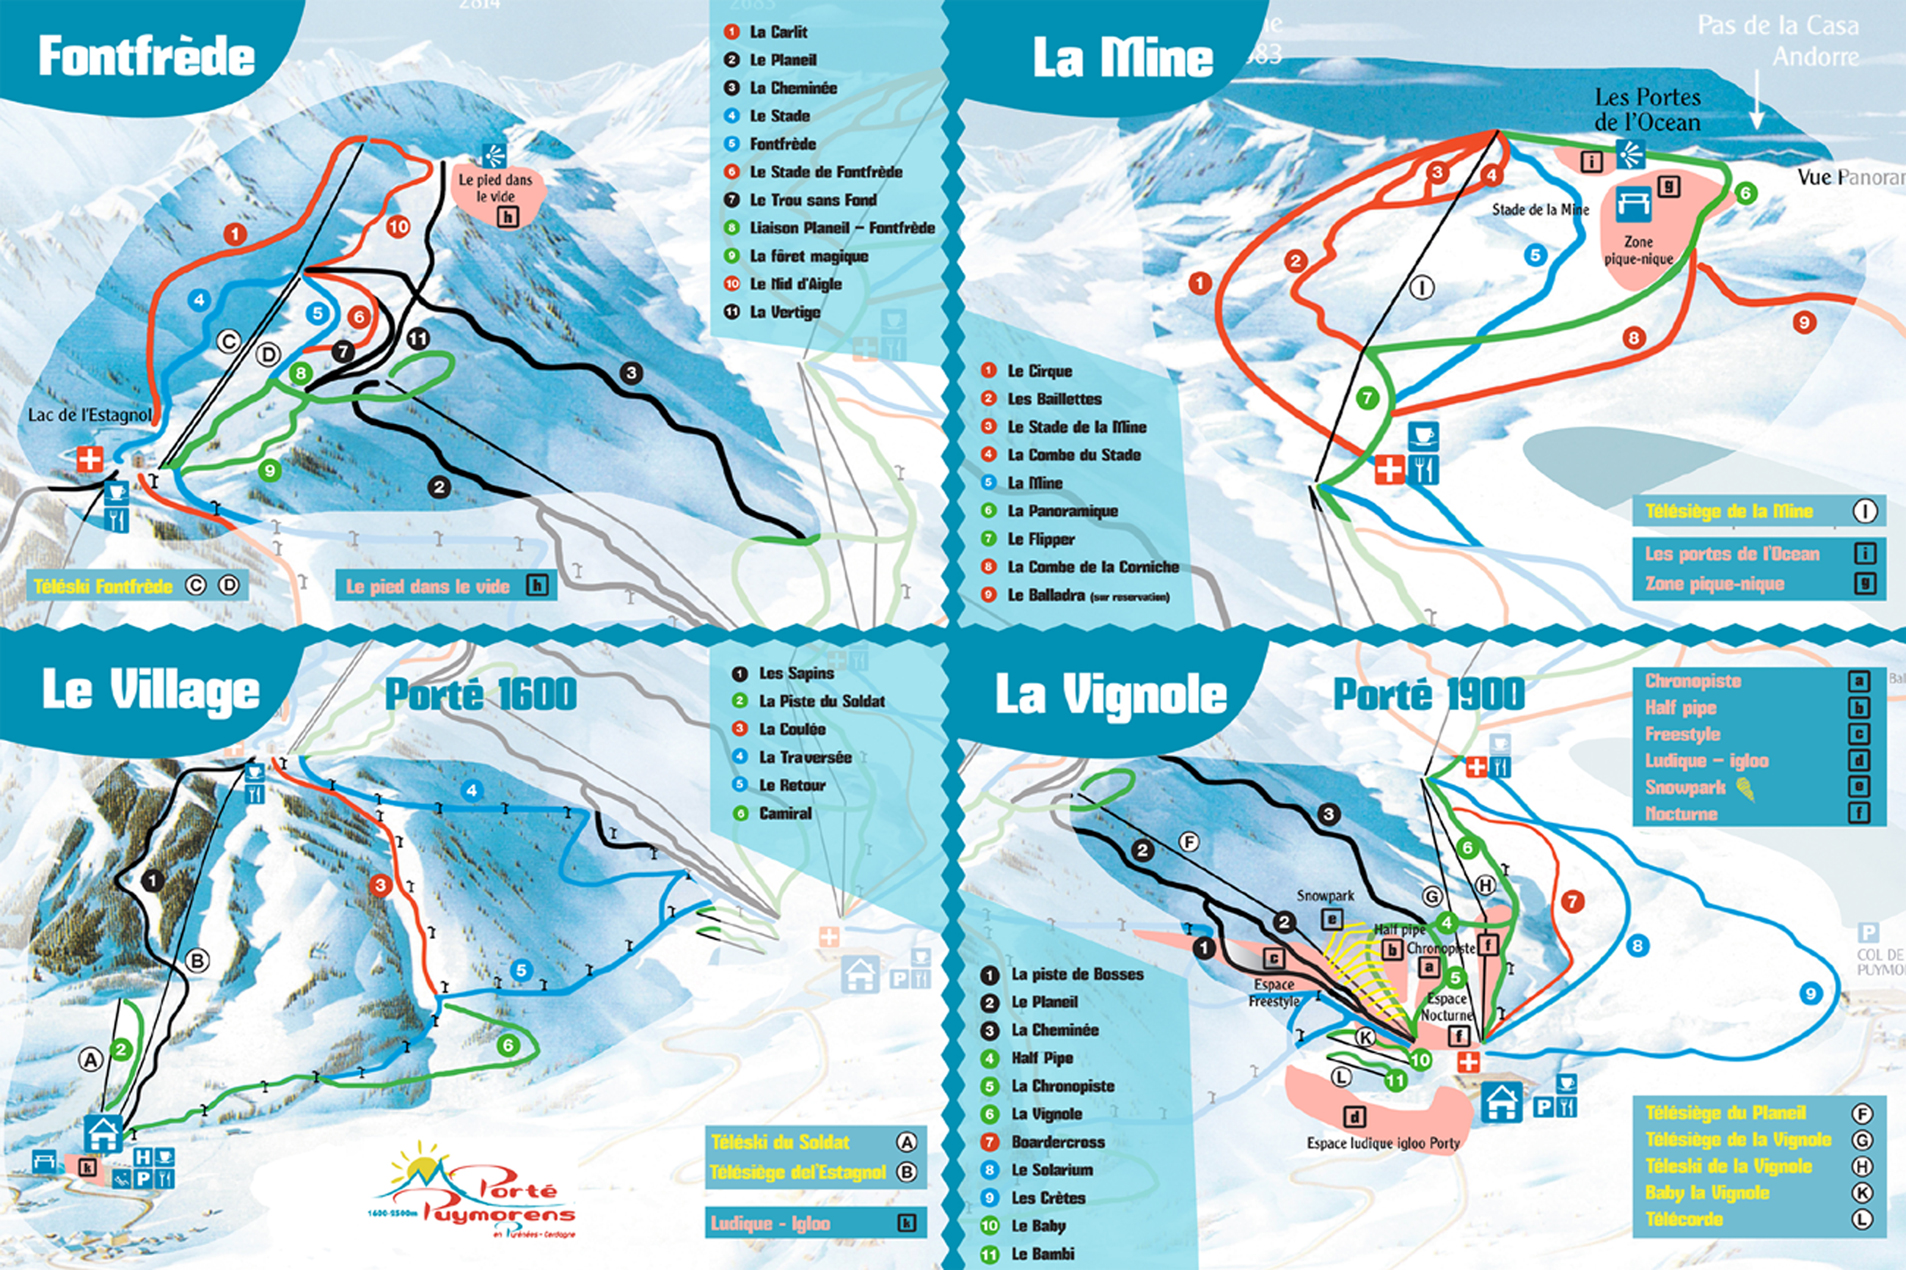 Plan des pistes port puymorens for Porte puymorens